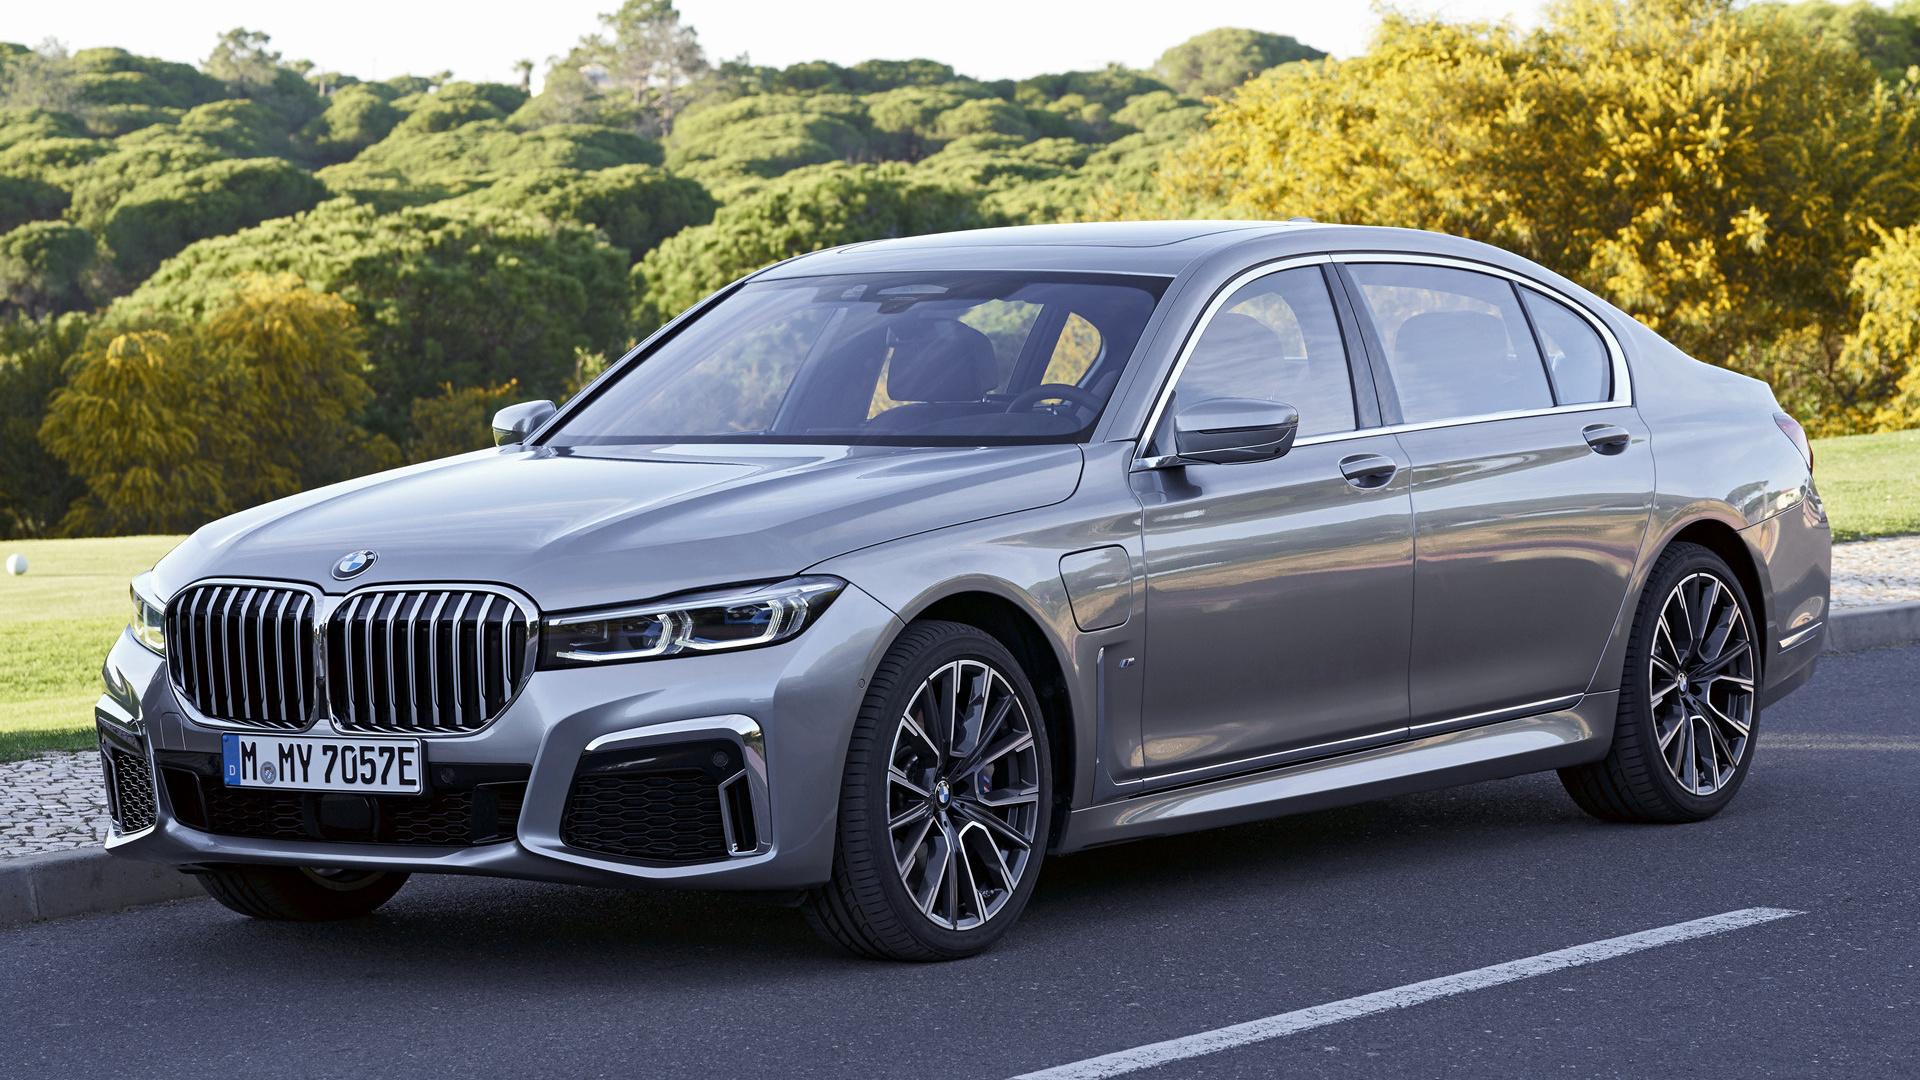 2019 BMW 7 Series Plug-In Hybrid M Sport [LWB ...